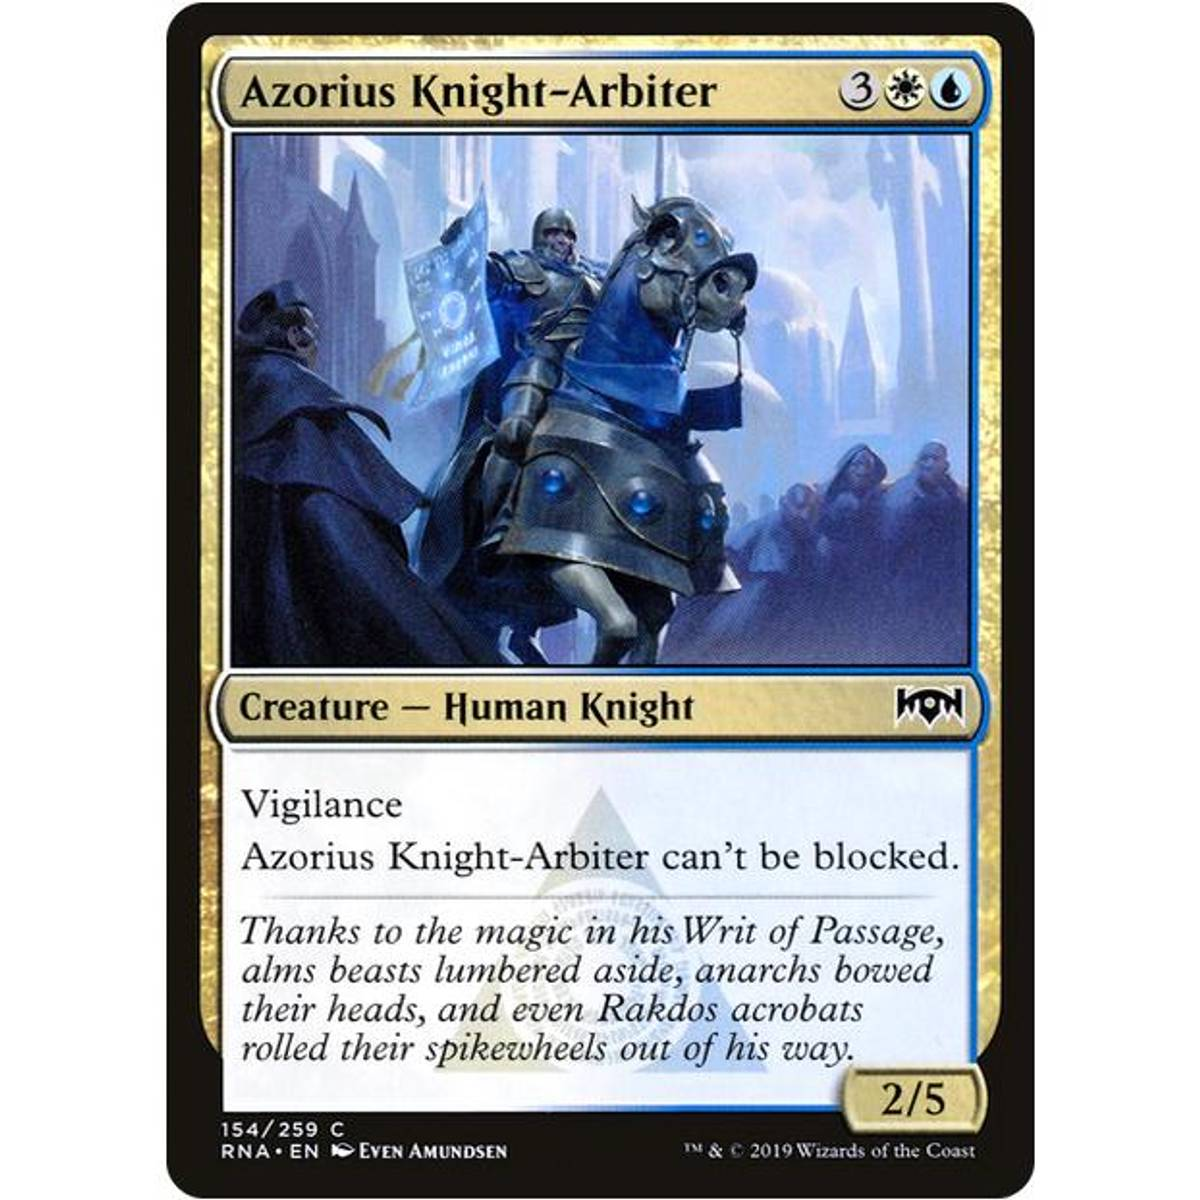 Azorius Knight-Arbiter